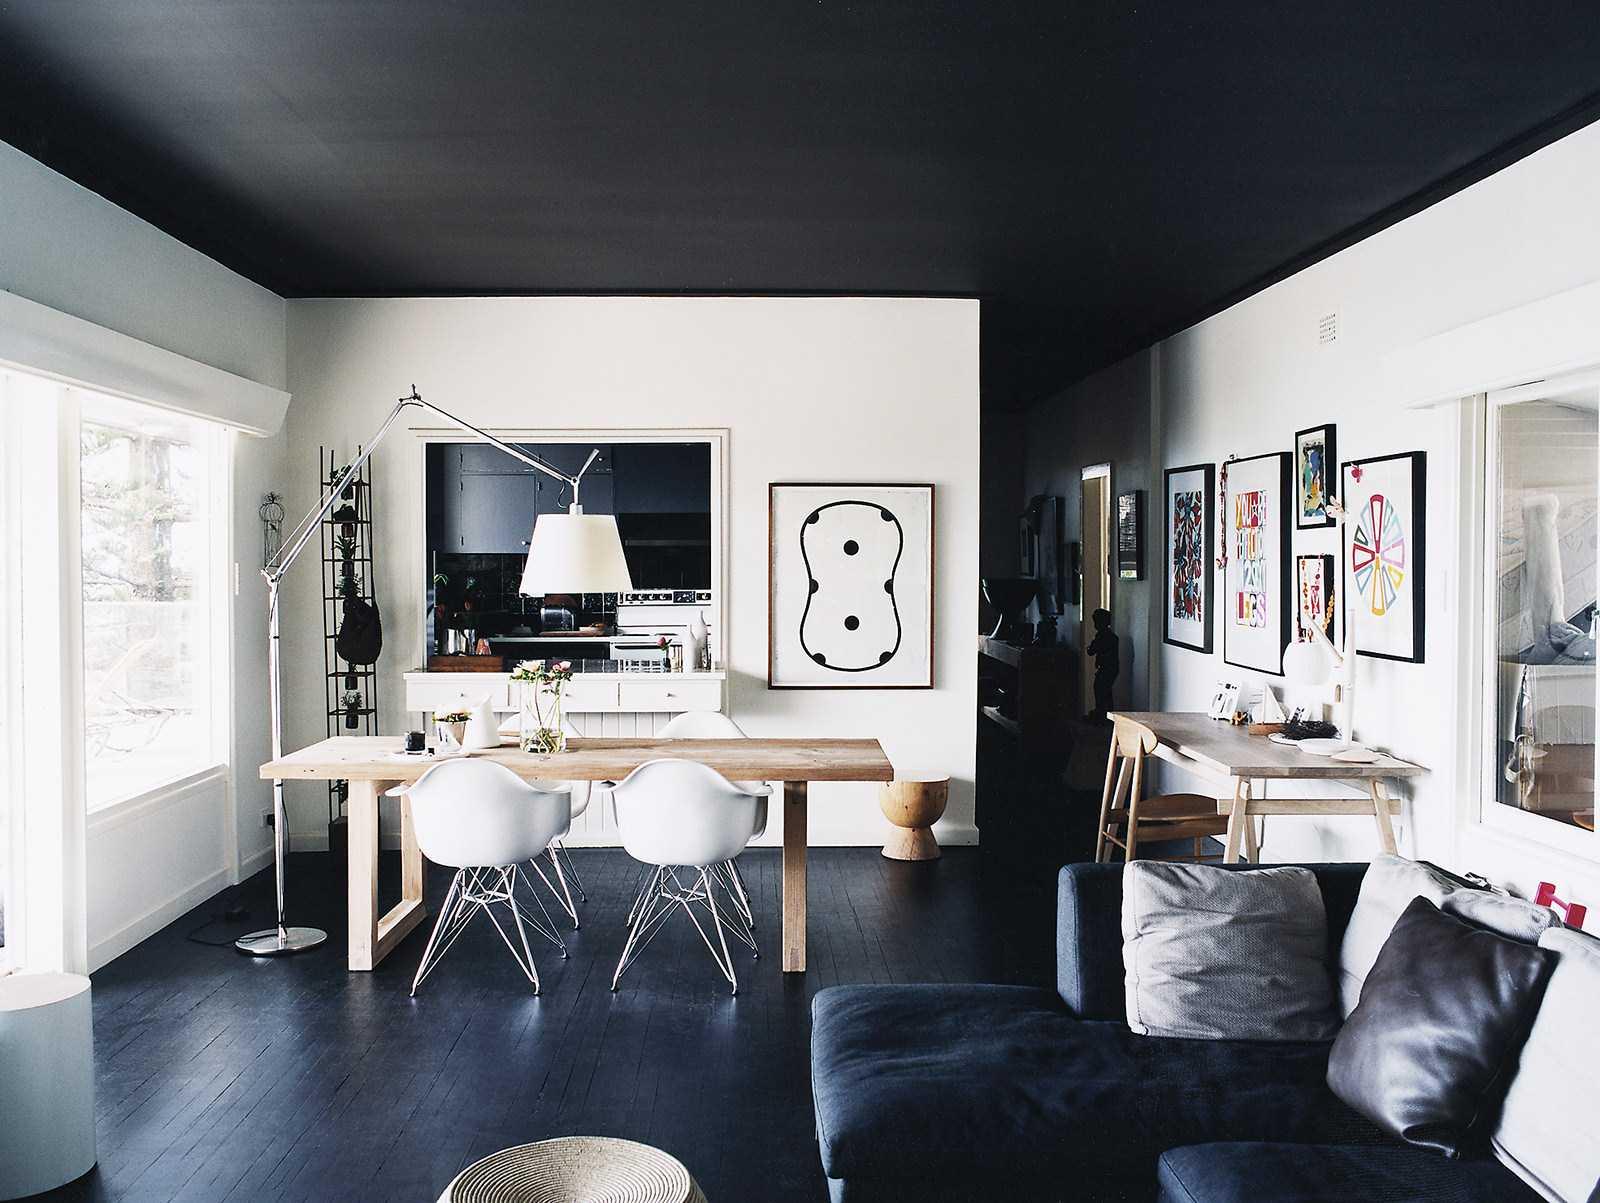 Arredamento Con Pavimento Marrone pareti bianche pavimento marrone. parquet nero: pavimento